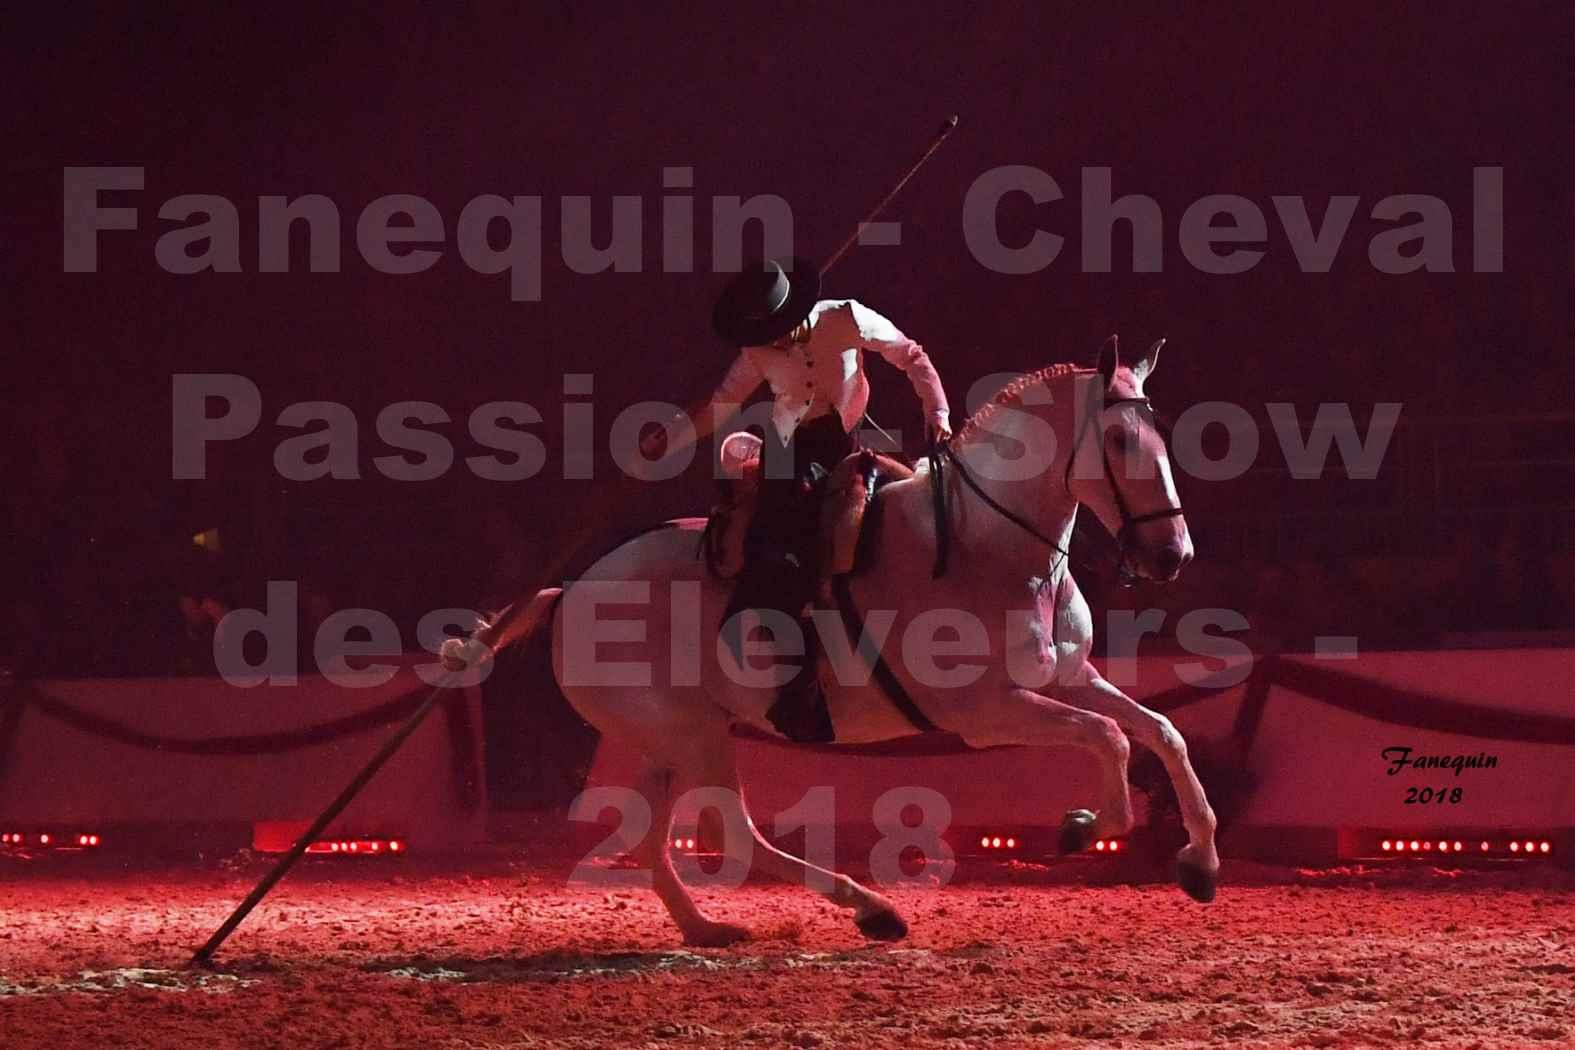 Cheval Passion 2018 - Spectacle Les Crinières d'OR 2018 - Doma Vaquera féminin - 14